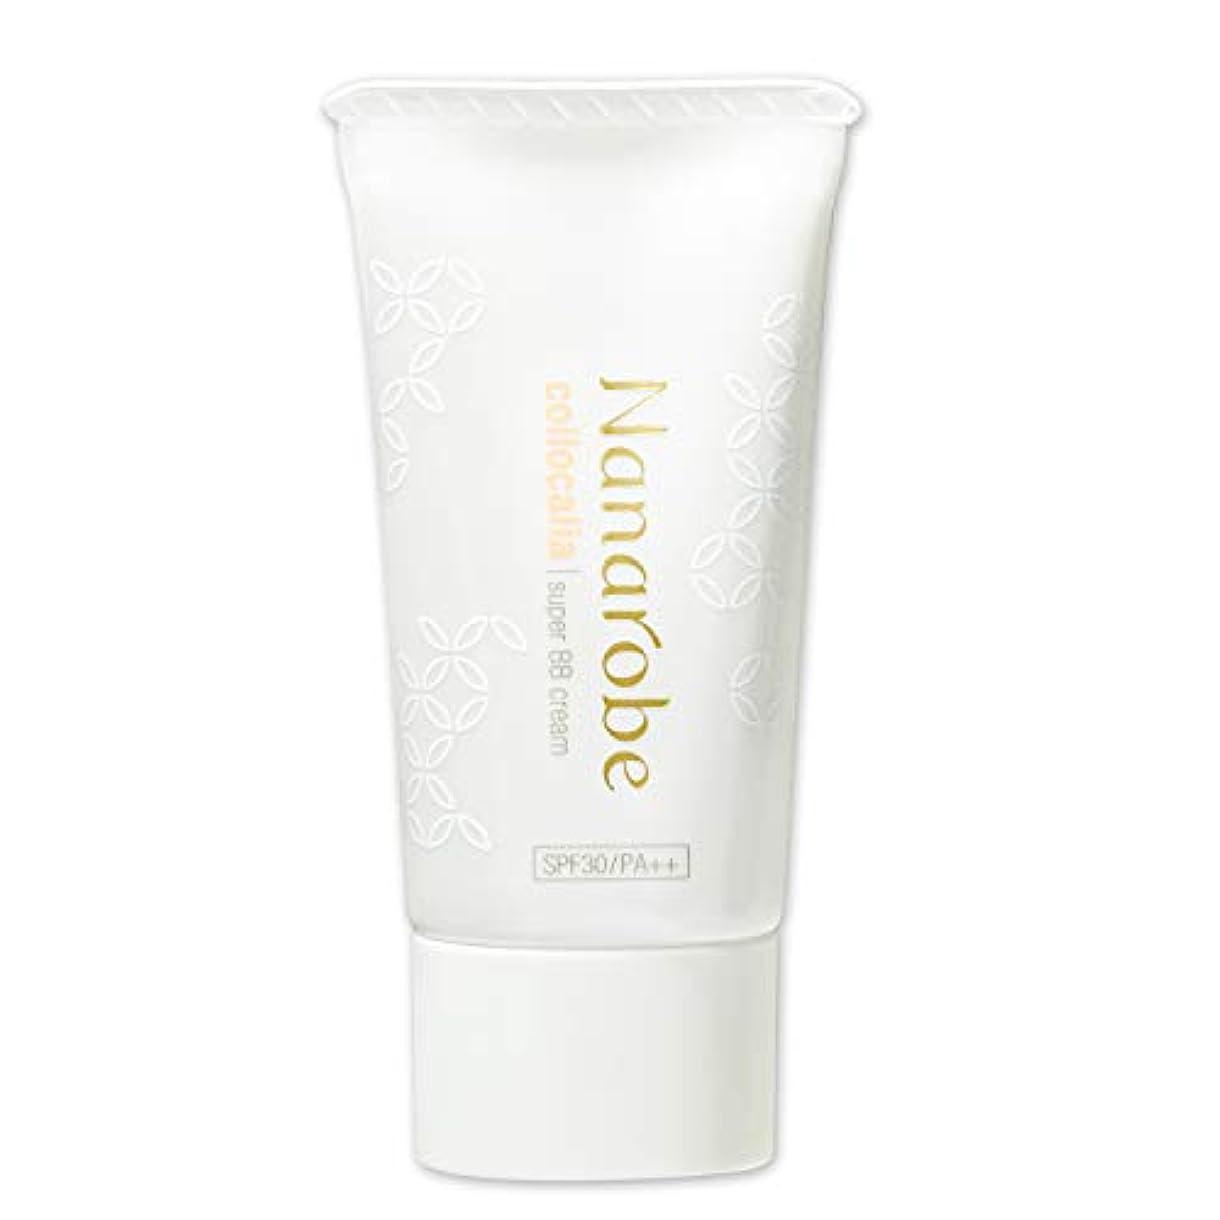 アドバイスロール経過ナナローブ (Nanarobe) BBクリーム 化粧下地 ファンデーション コロカリア UV SPF30 PA++ 30g